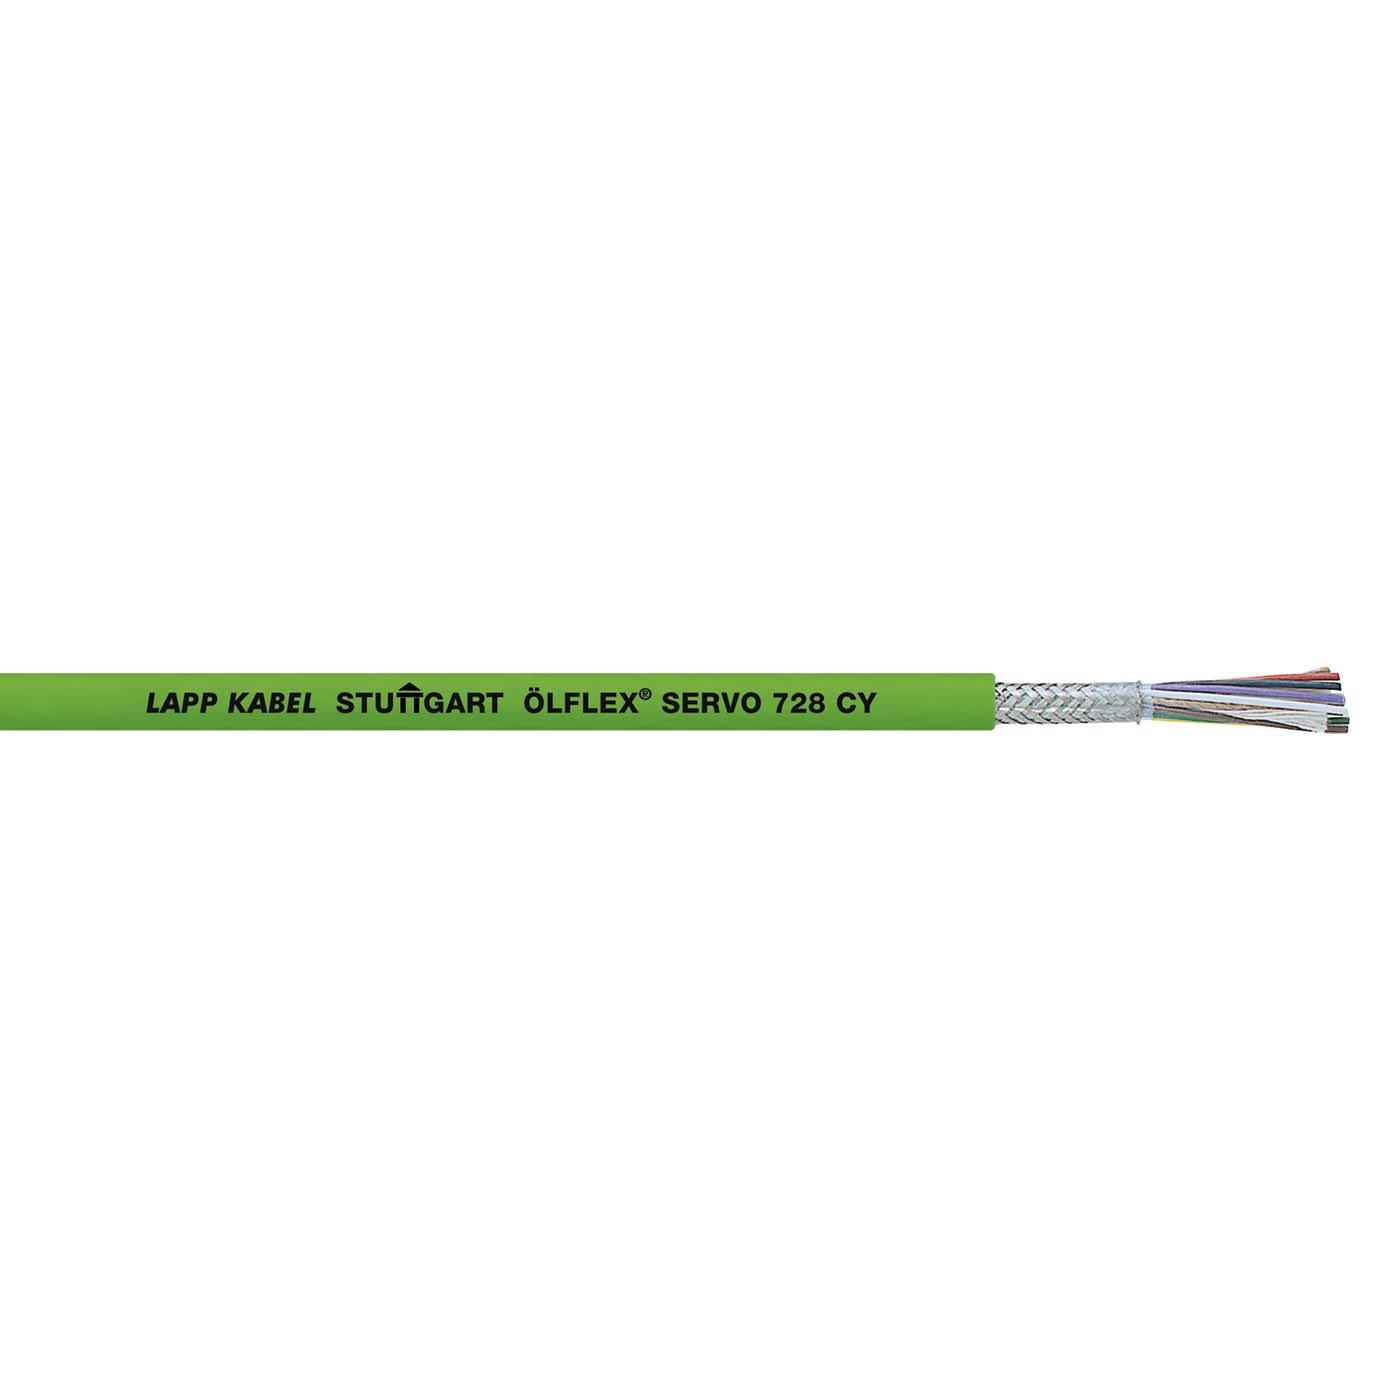 ÖLFLEX® SERVO 728 CY